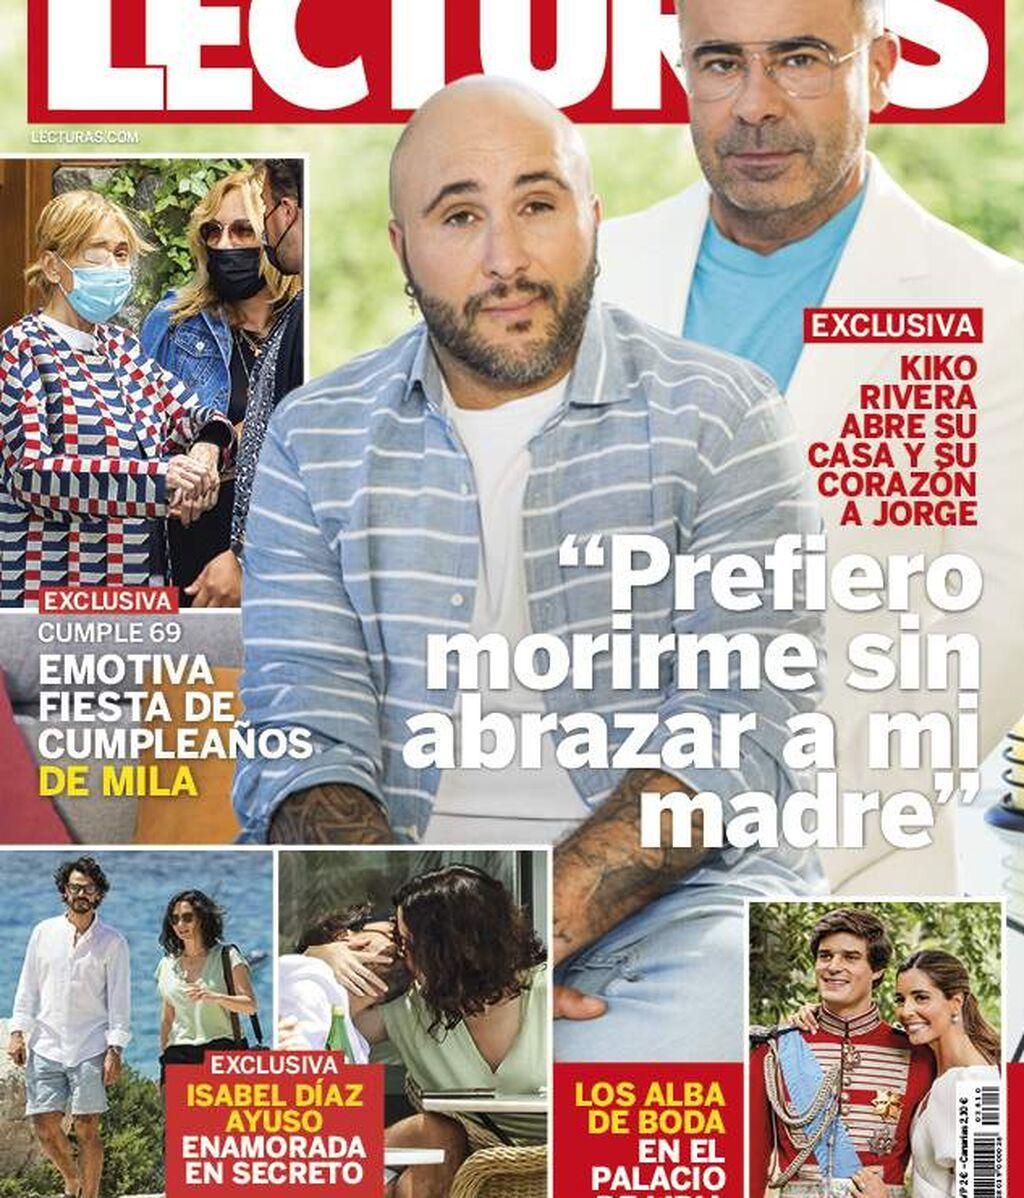 Isabel Díaz Ayuso y su nueva pareja, en la portada de una revista con su nueva pareja